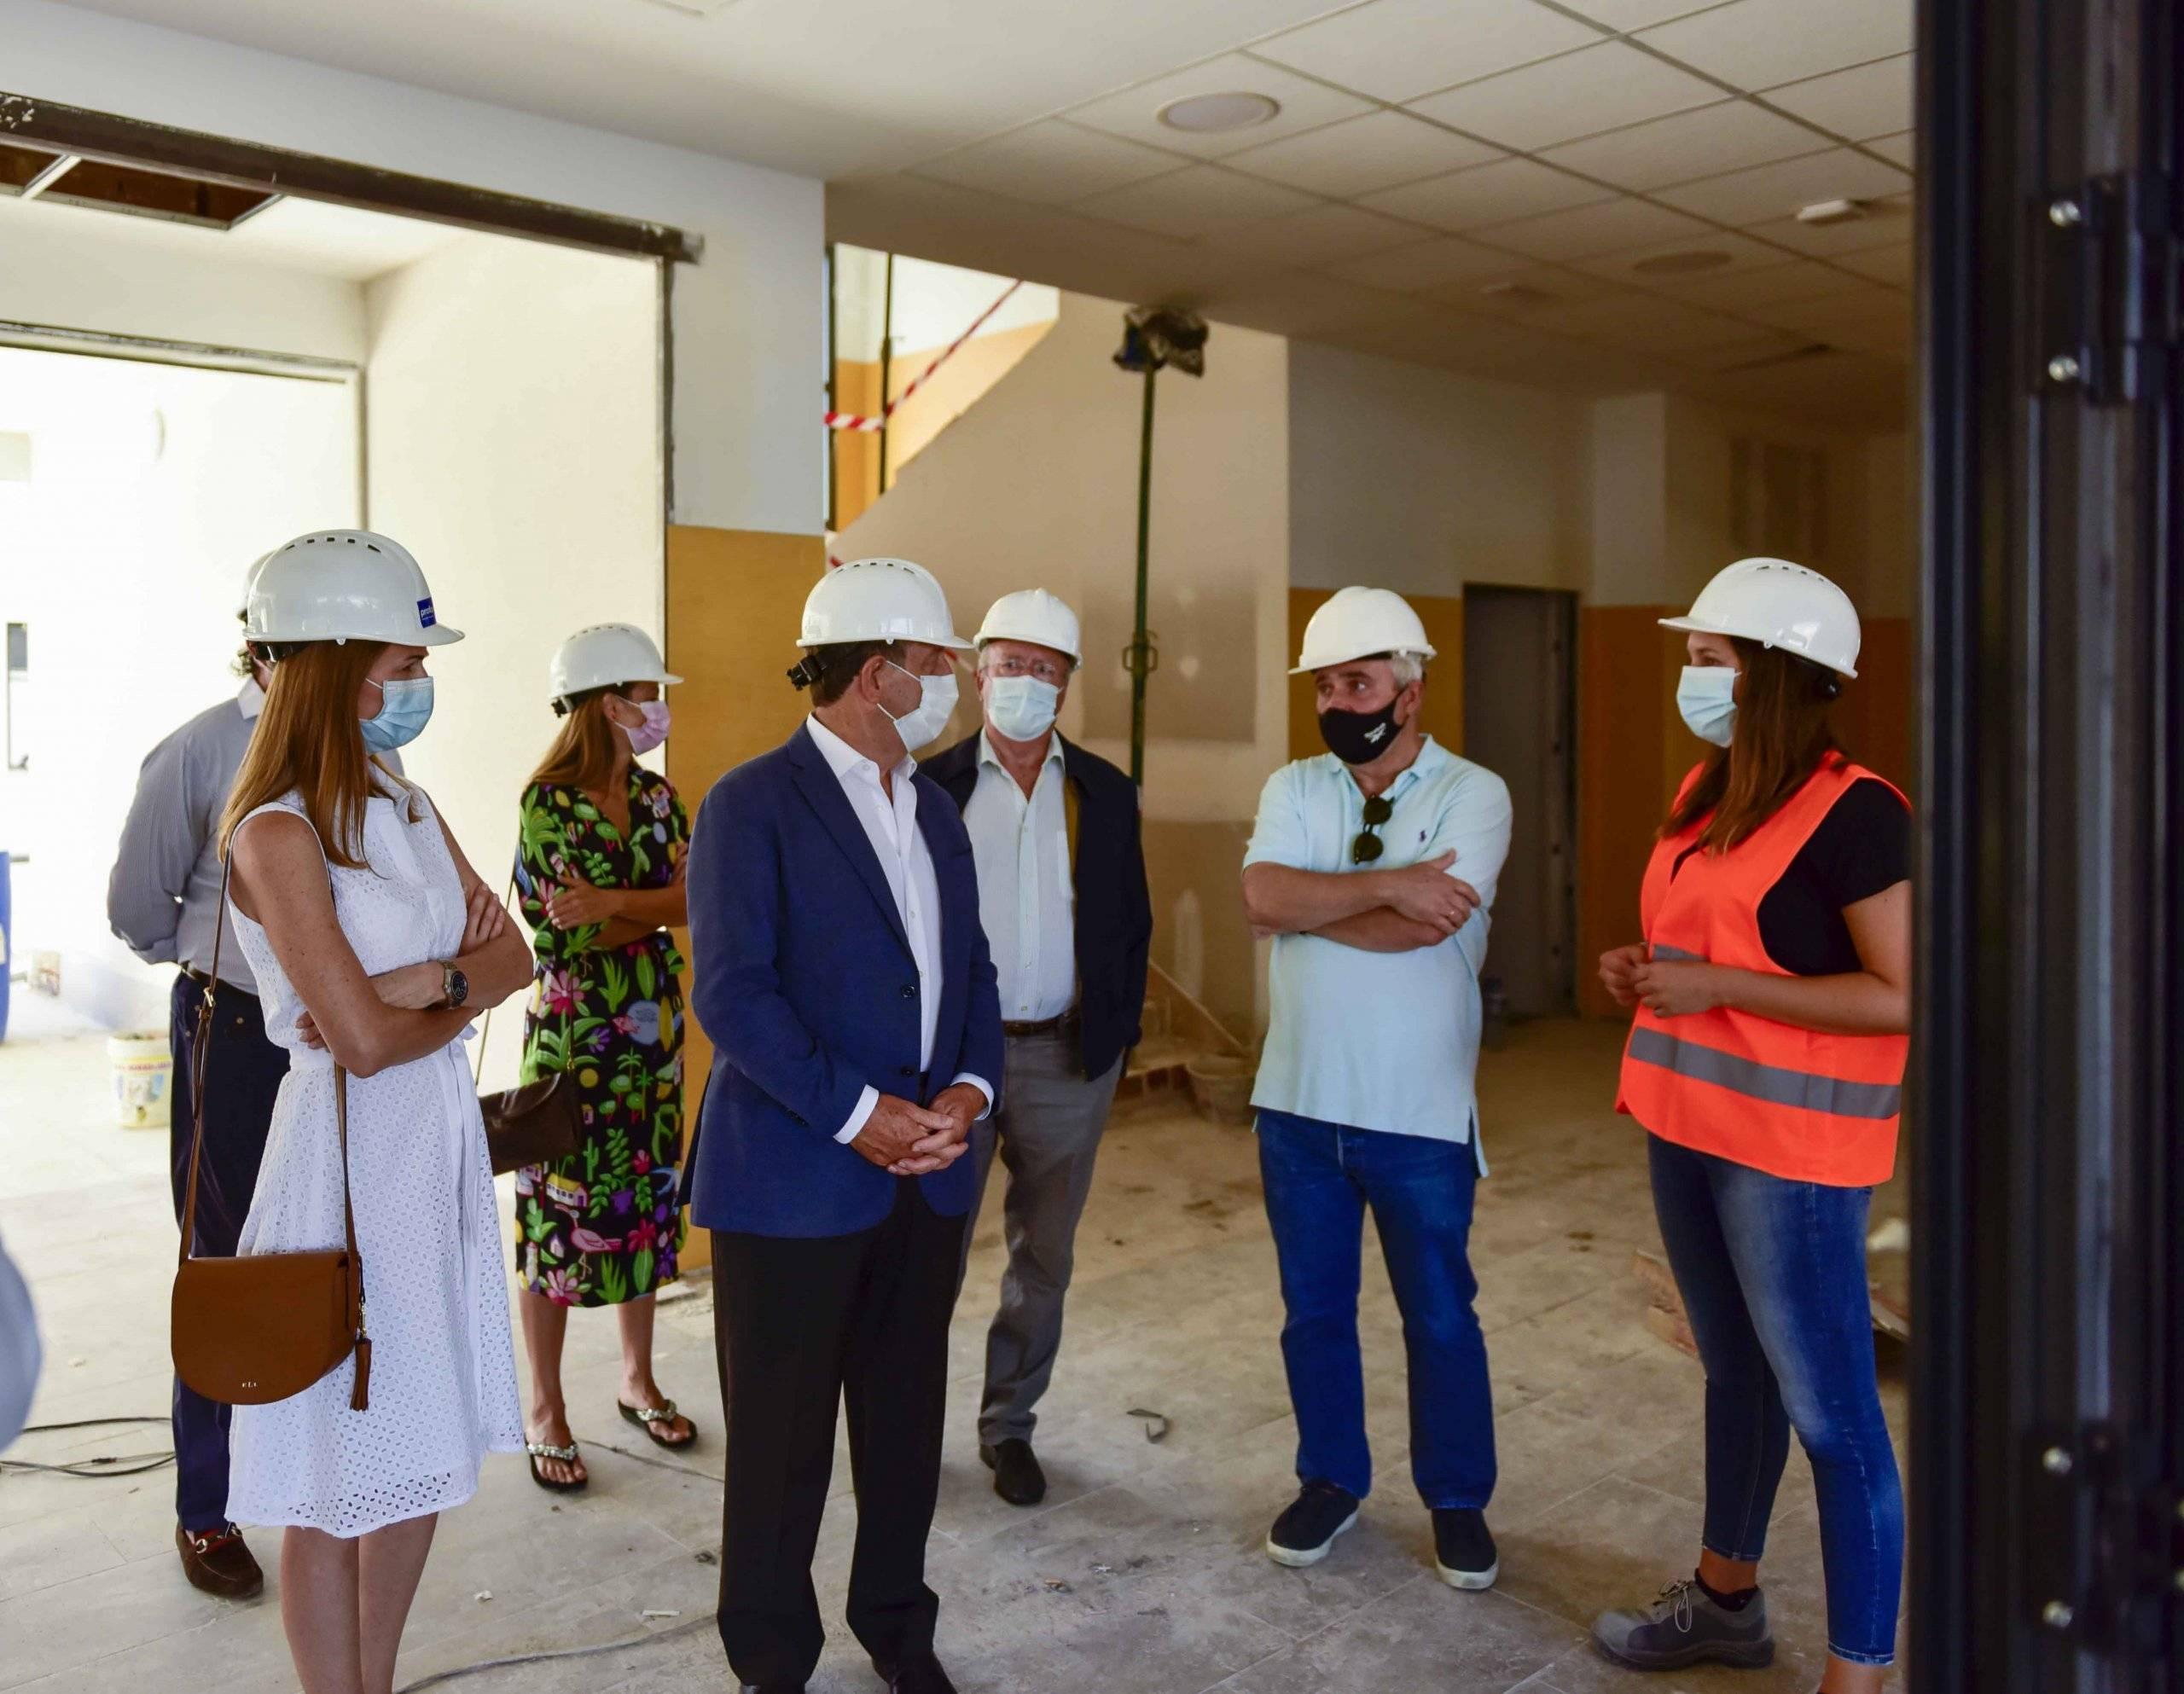 El regidor villanovense y concejales junto a la dirección facultativa de las obras y responsables de las empresas constructoras.